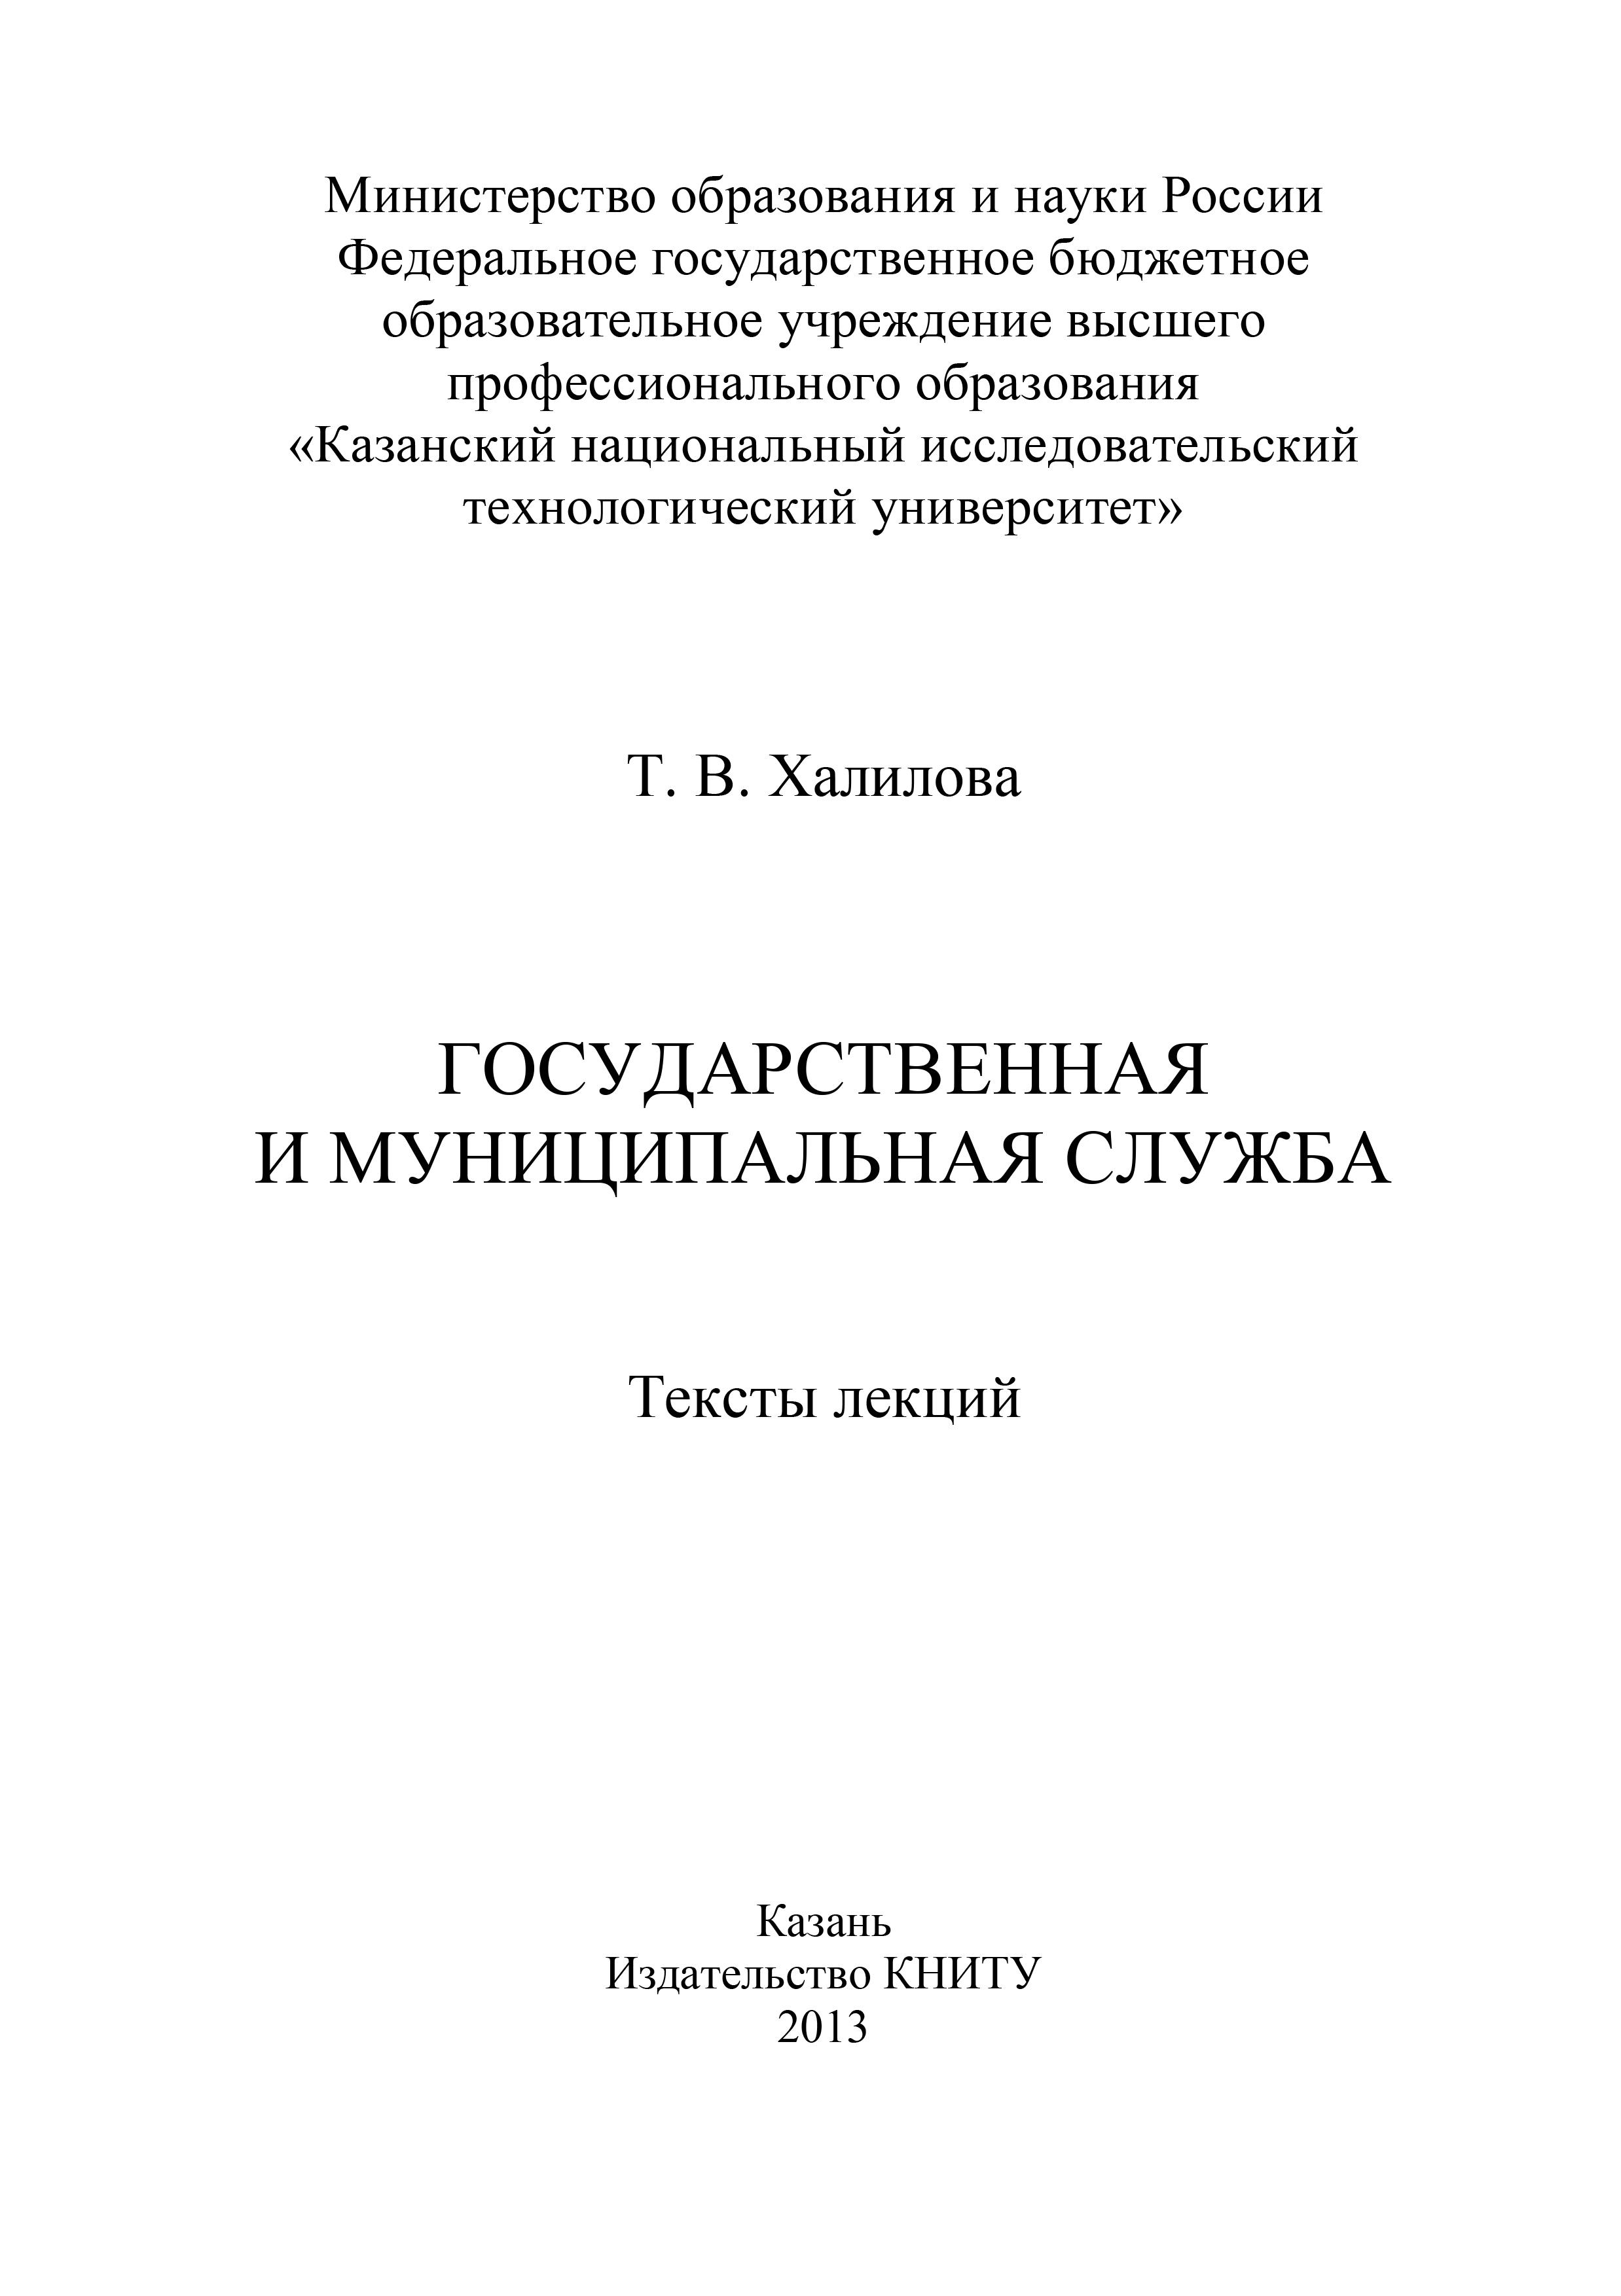 Т. В. Халилова Государственная и муниципальная служба т в халилова государственная и муниципальная служба